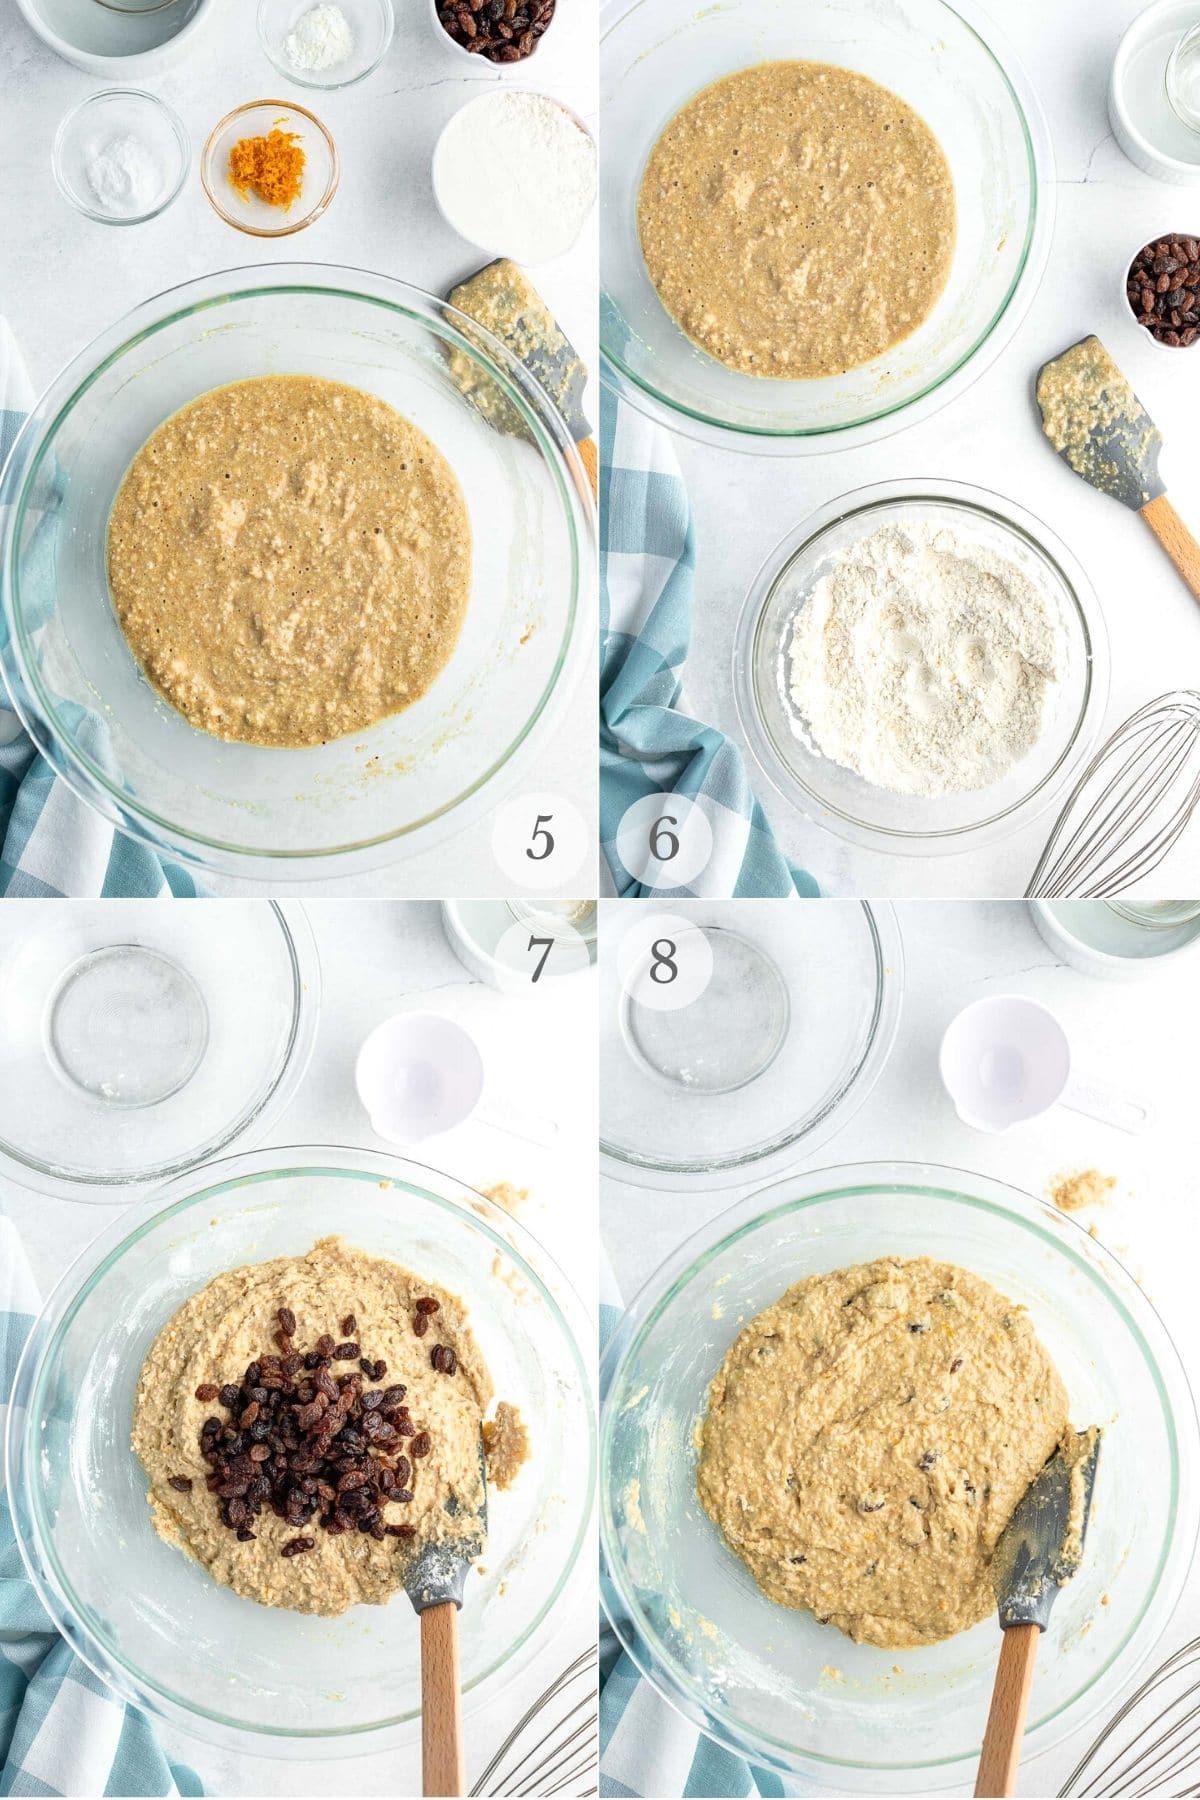 oat bran muffins recipe steps 5-8